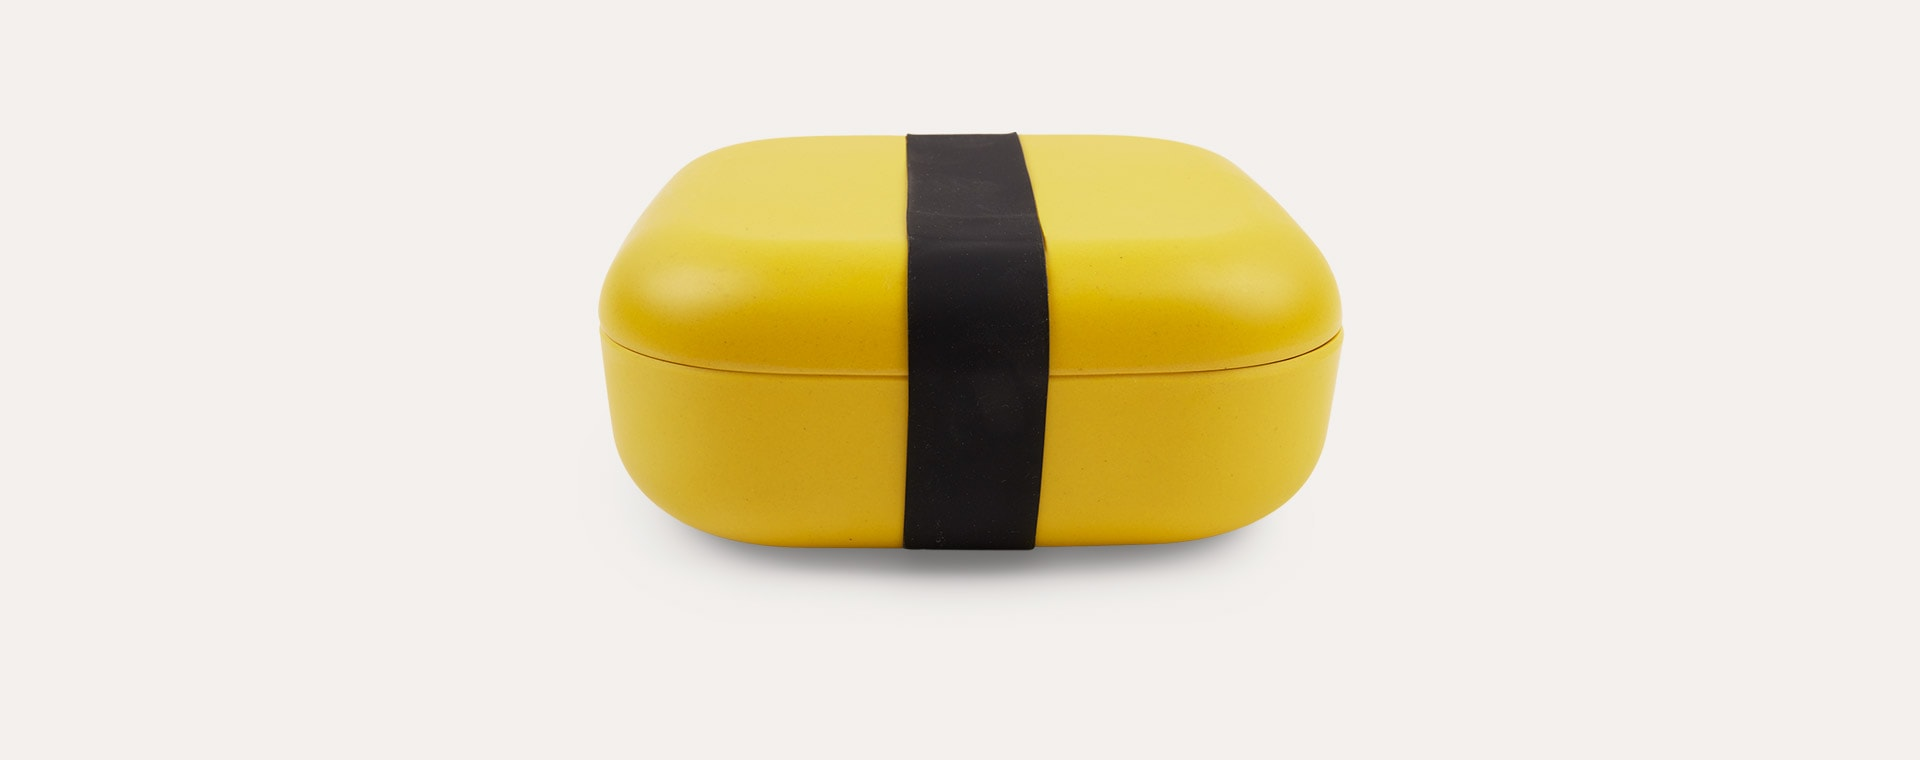 Lemon EKOBO Go Bento Lunch Box